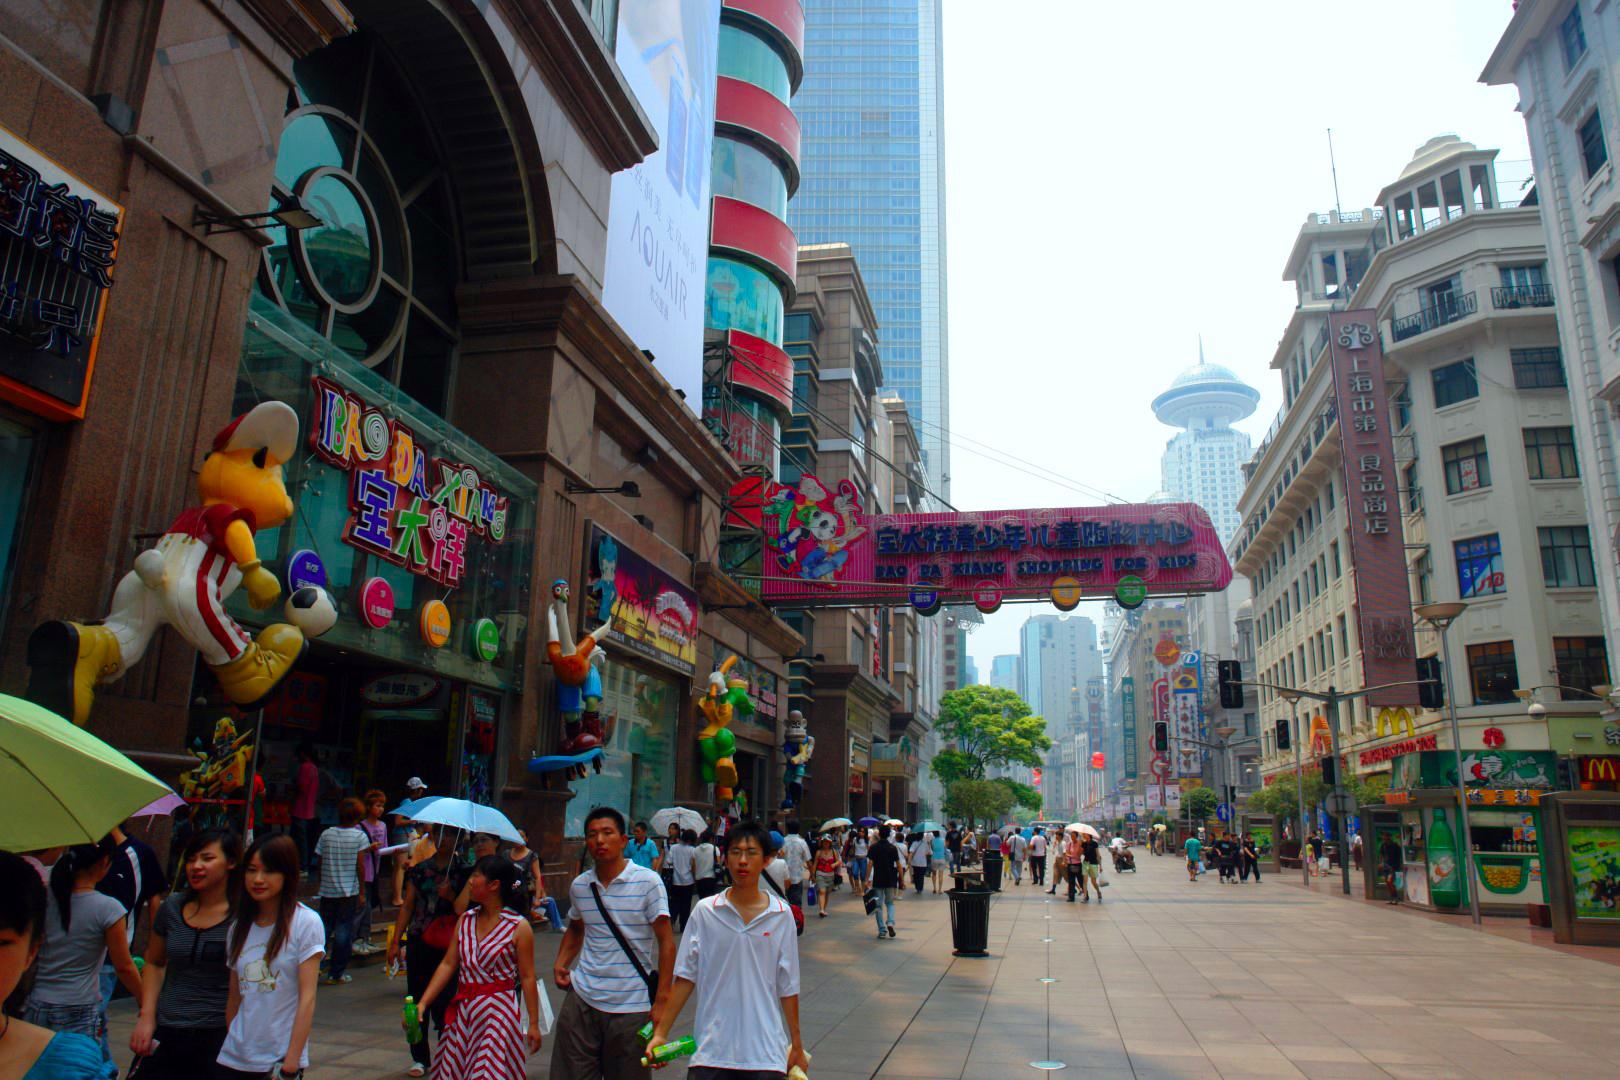 qué ver en Shanghai, China qué ver en shanghai - 32179274430 3e056470ba o - Qué ver en Shanghai, China